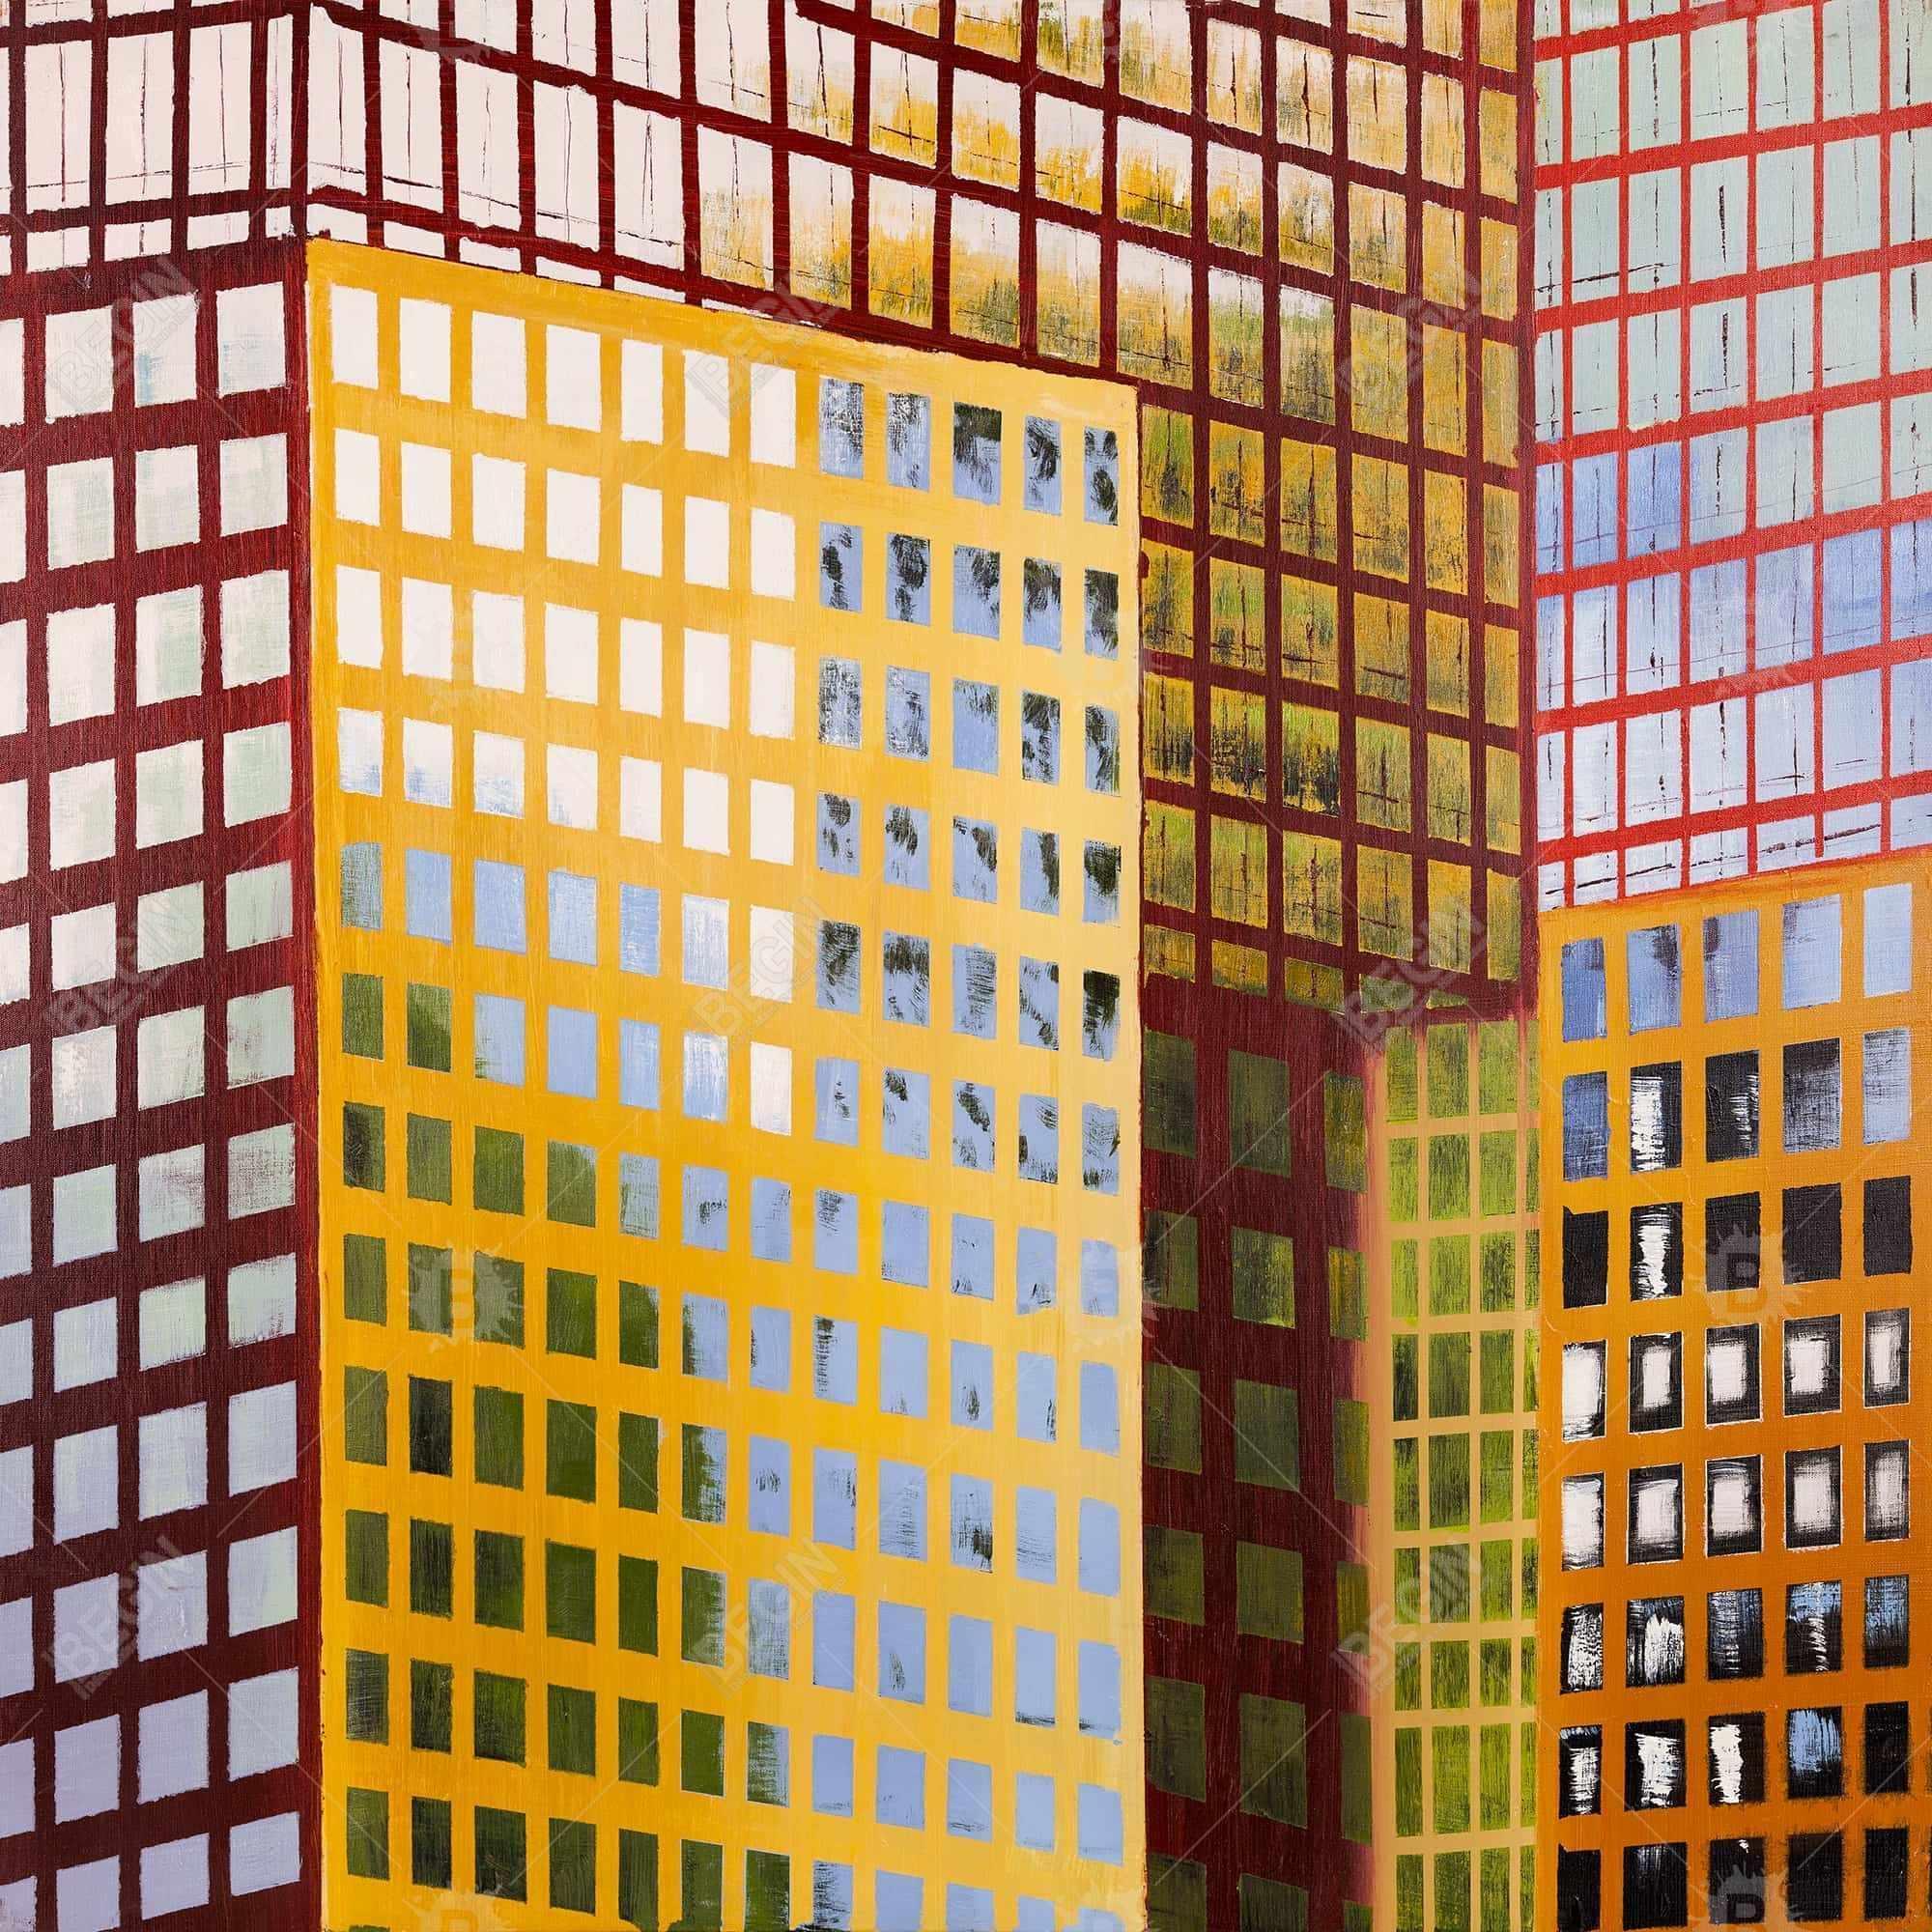 Fenêtres d'un gratte-ciel